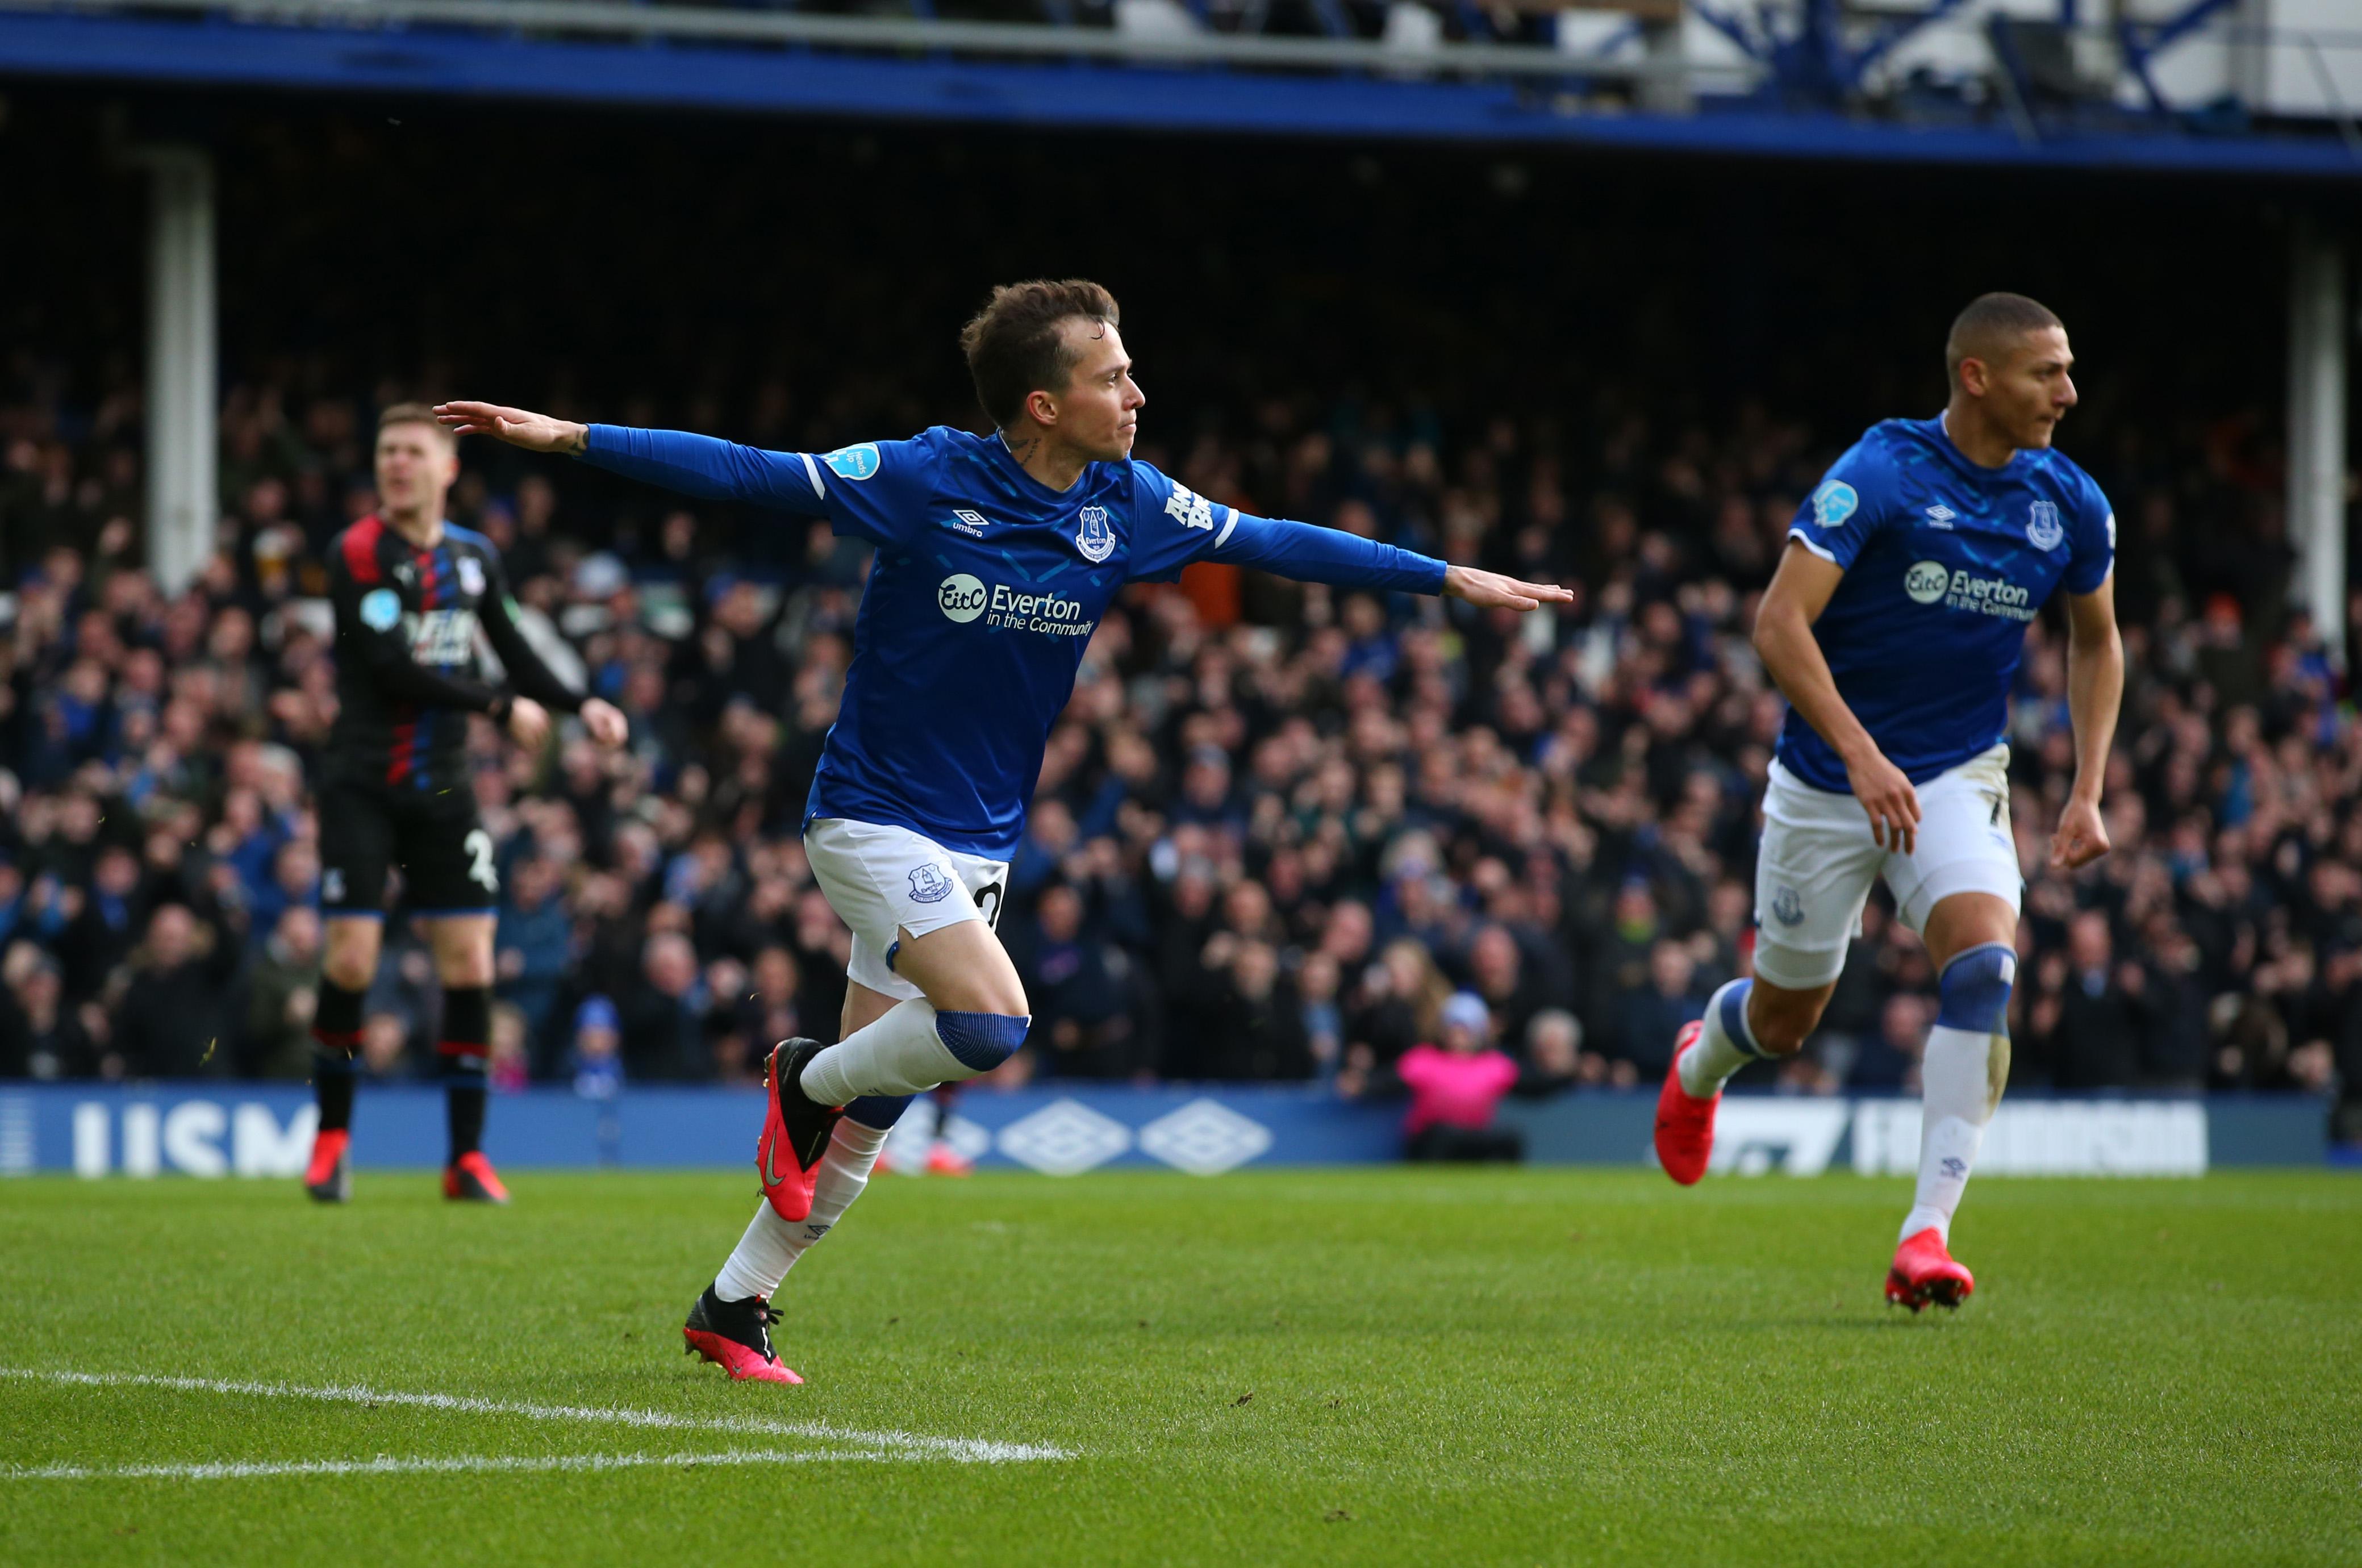 Bernard y Richarlison son los dos más grandes faros del Everton